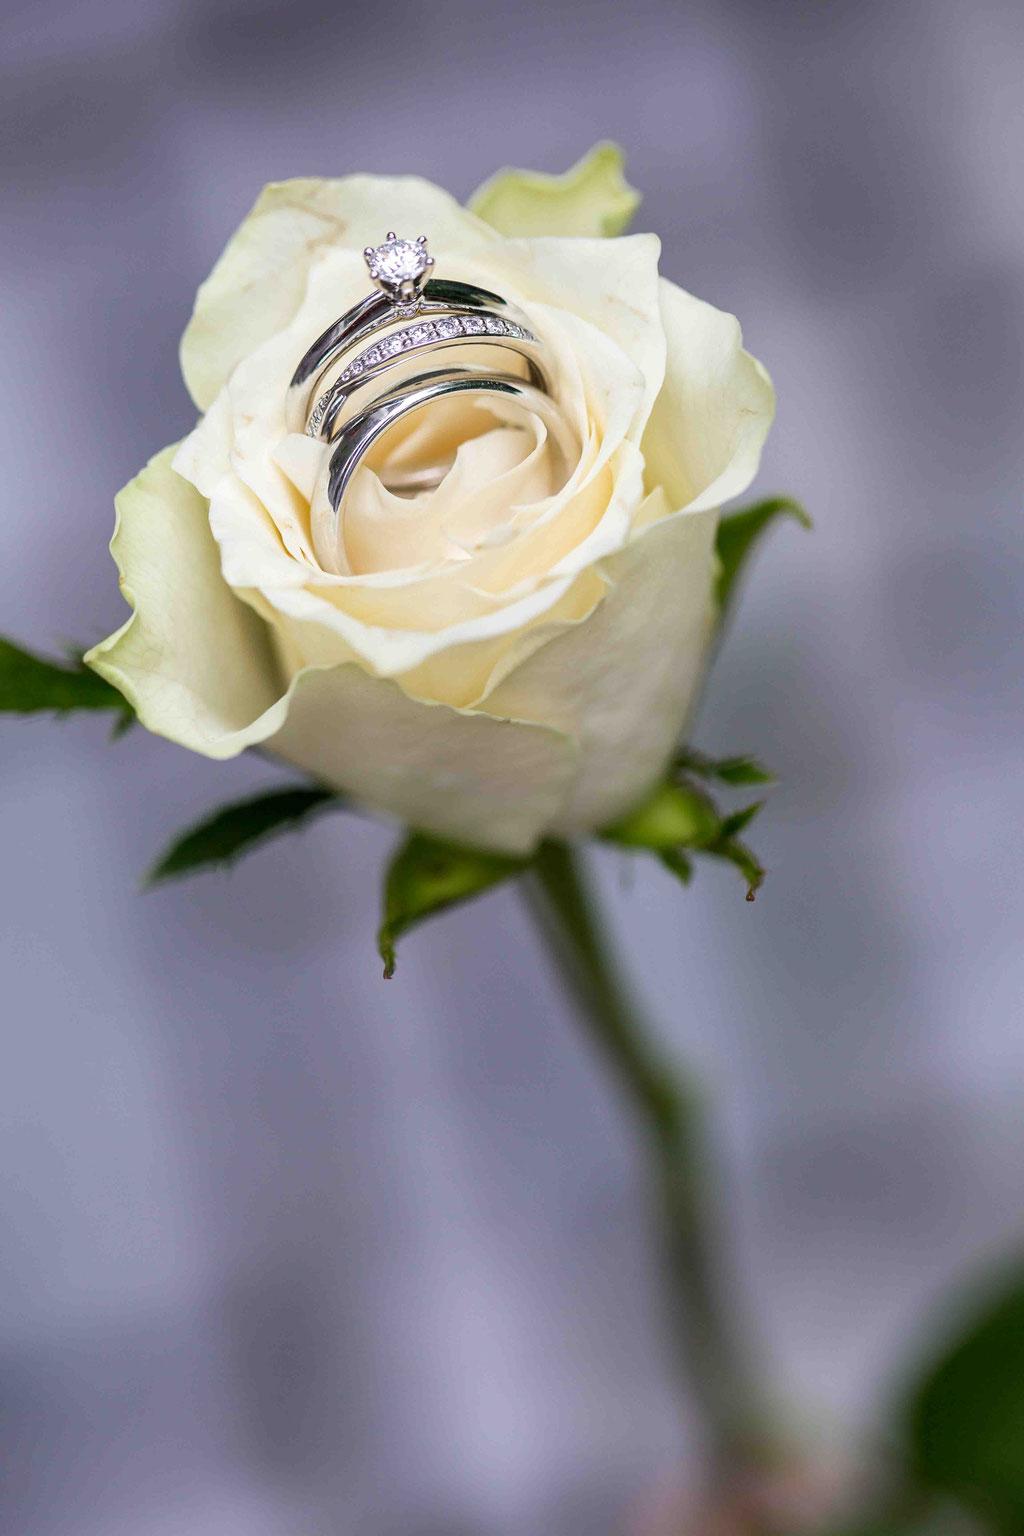 Hochzeitsfotograf, Steffens Herrenmühle - Herrenmühle 4, 3755 Alzenau, Hochzeitsreportage, Hochzeitsfotos, Eheringe in einer Blume, Makroaufnahmen der Eheringe